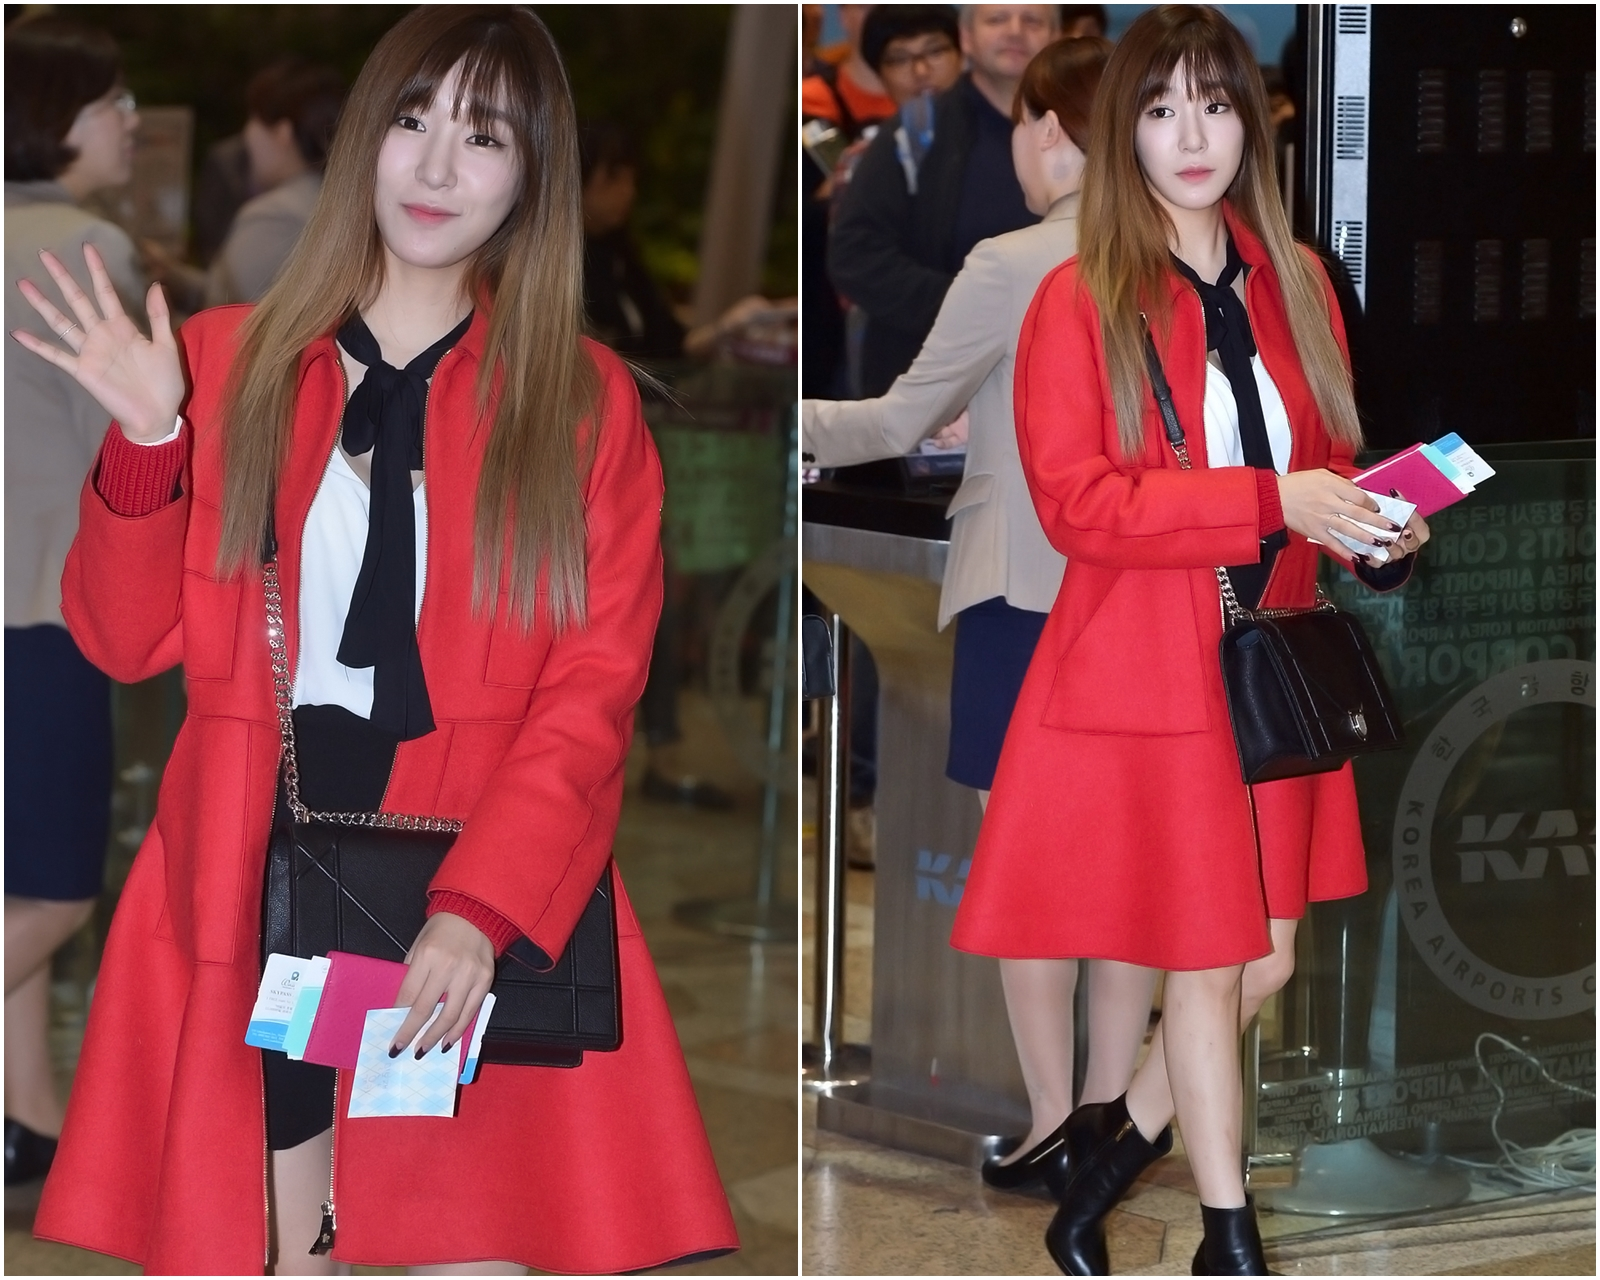 一樣是黑白系的兩件式裙裝,但配上大紅色的大衣,就會讓整體的造型更有立體感喔 ♥